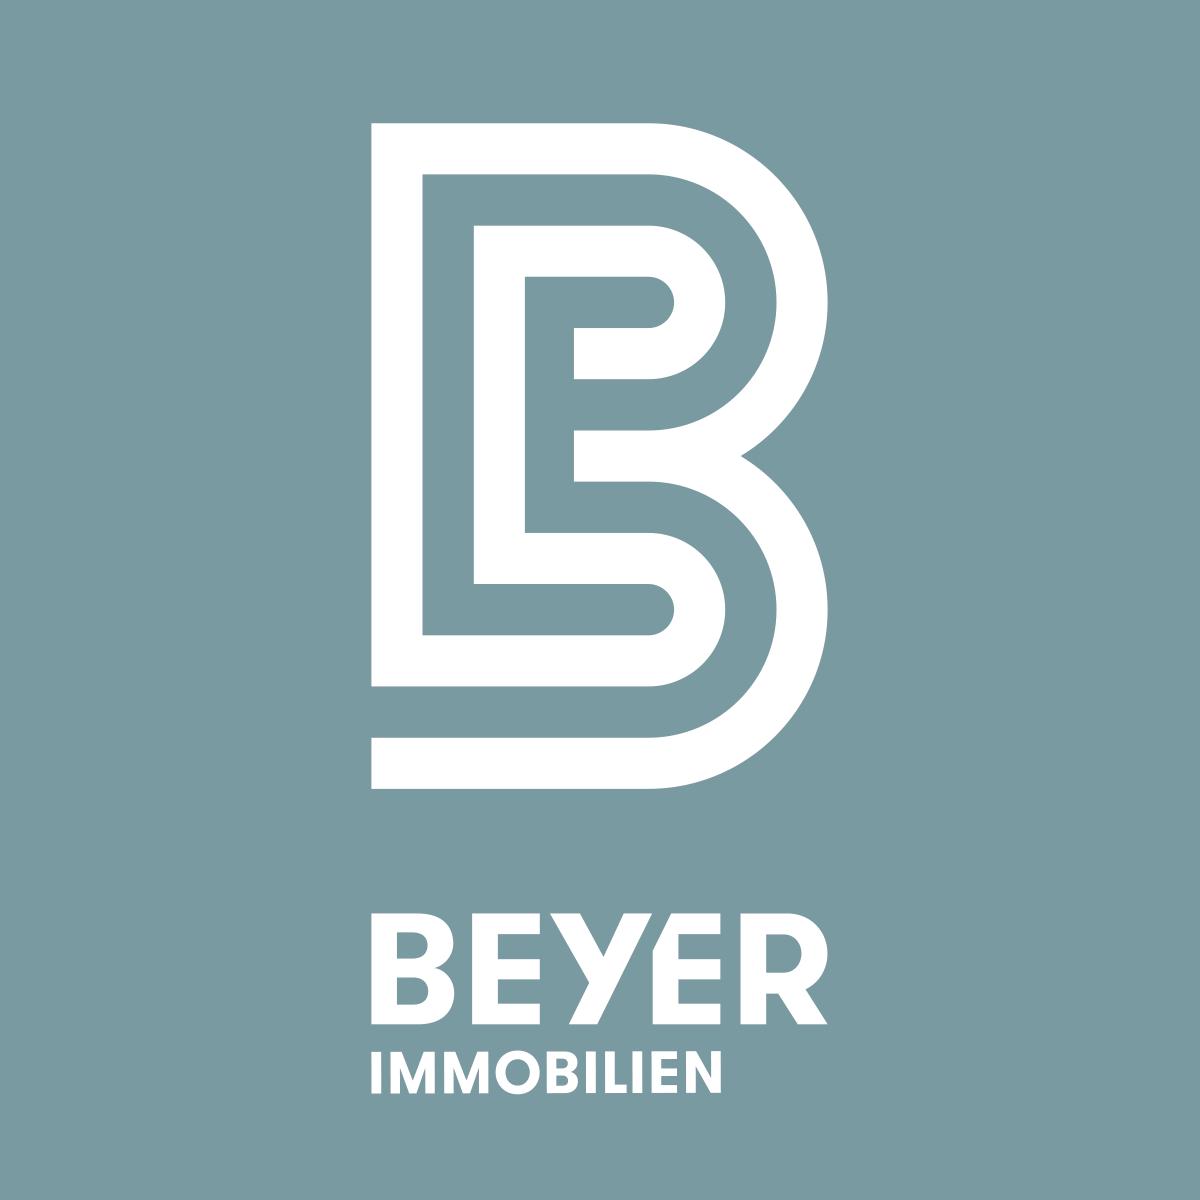 Beyer Immobilien